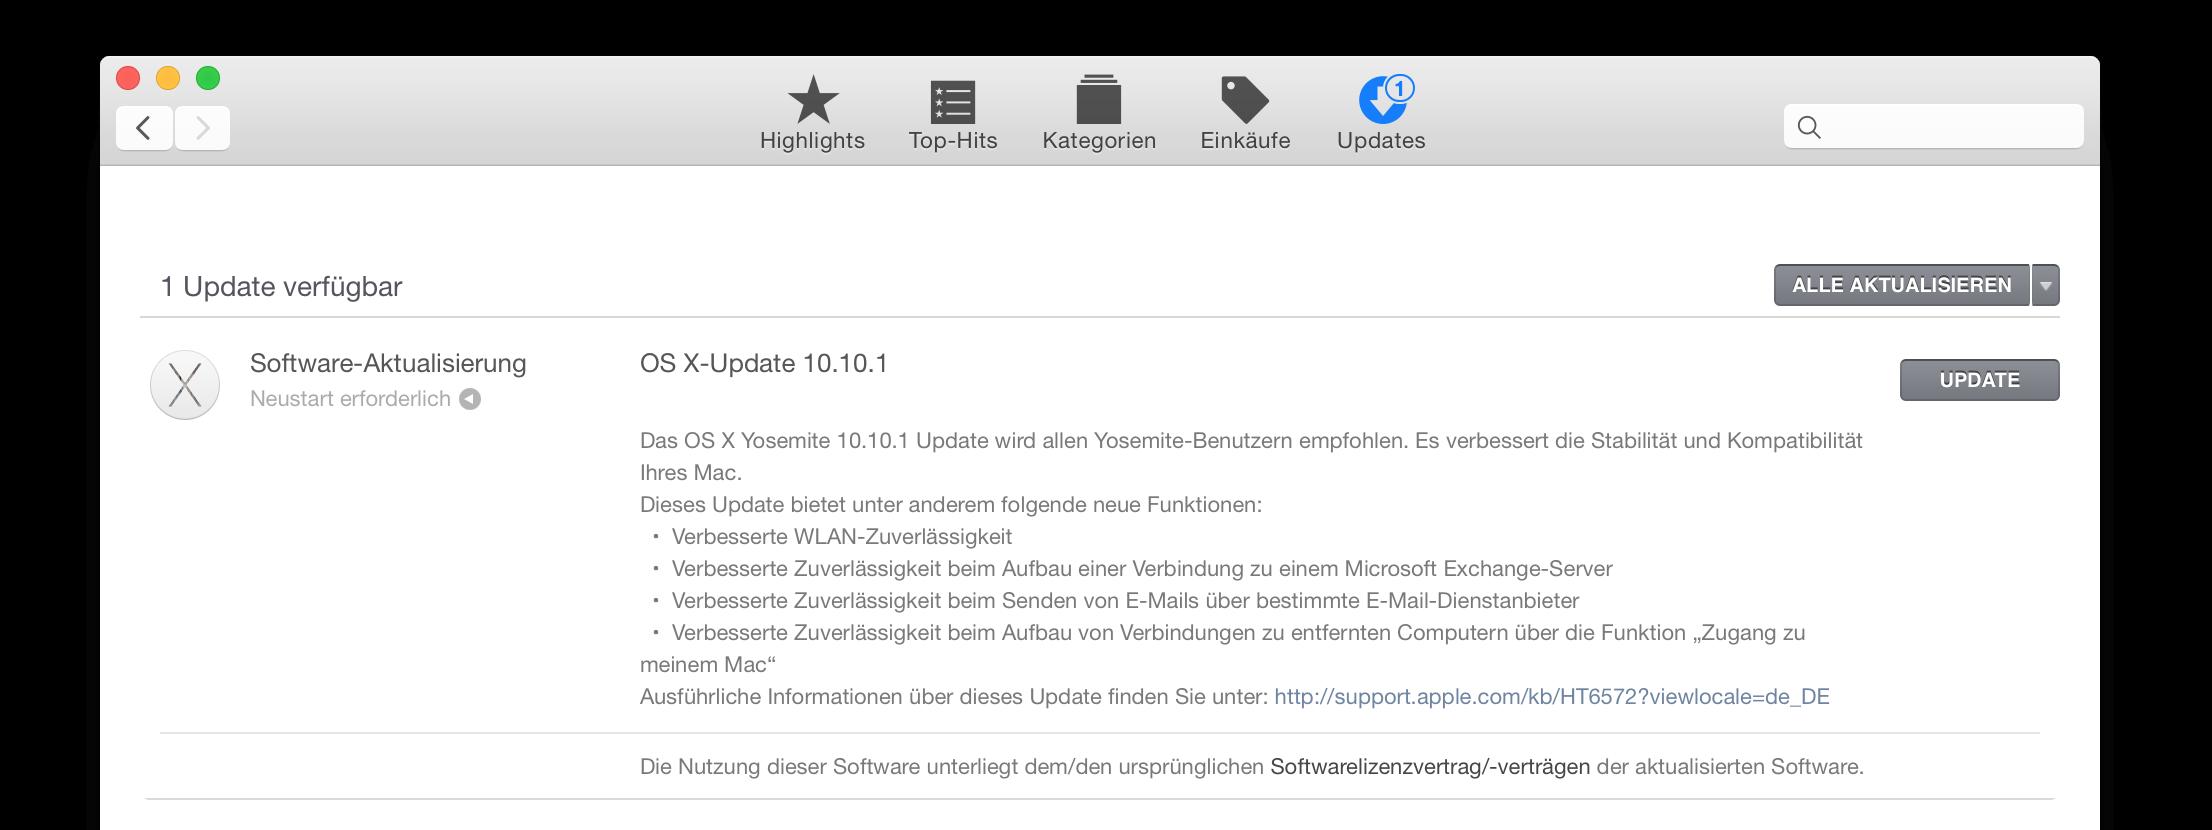 OS X 10.10.1 Update